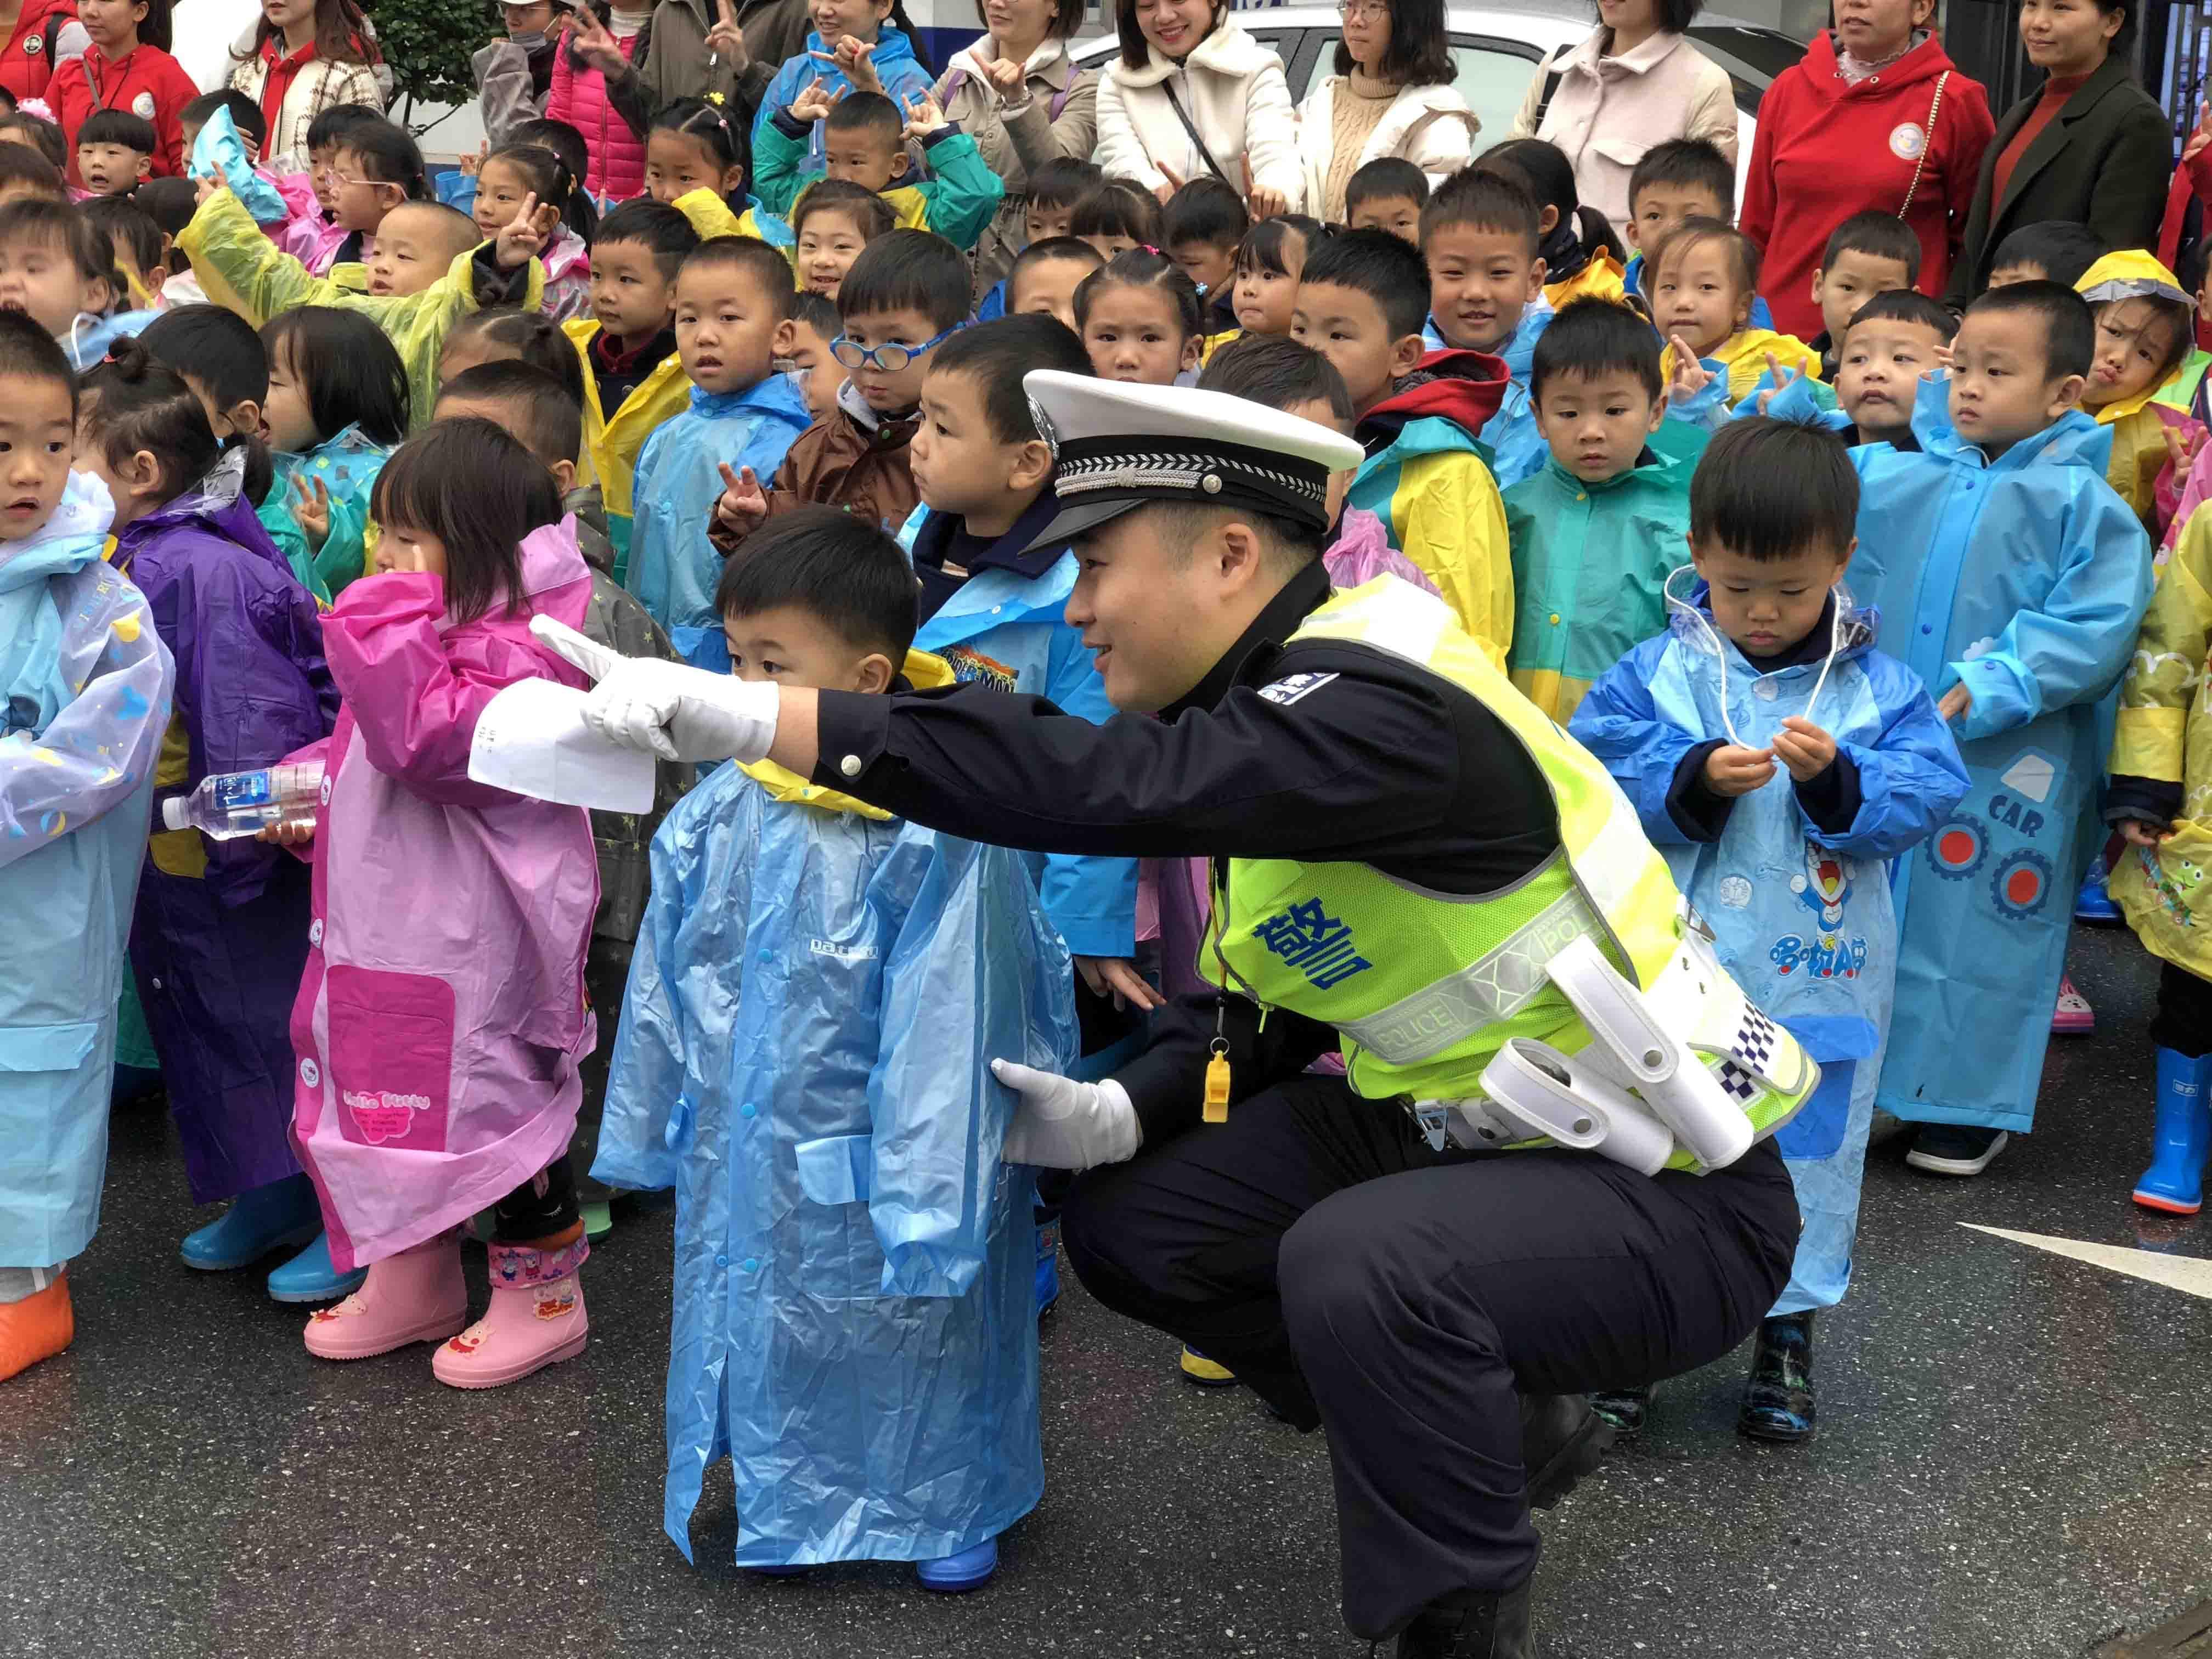 """""""交警叔叔好帅!""""小朋友们排排队,安全文明过马路!"""